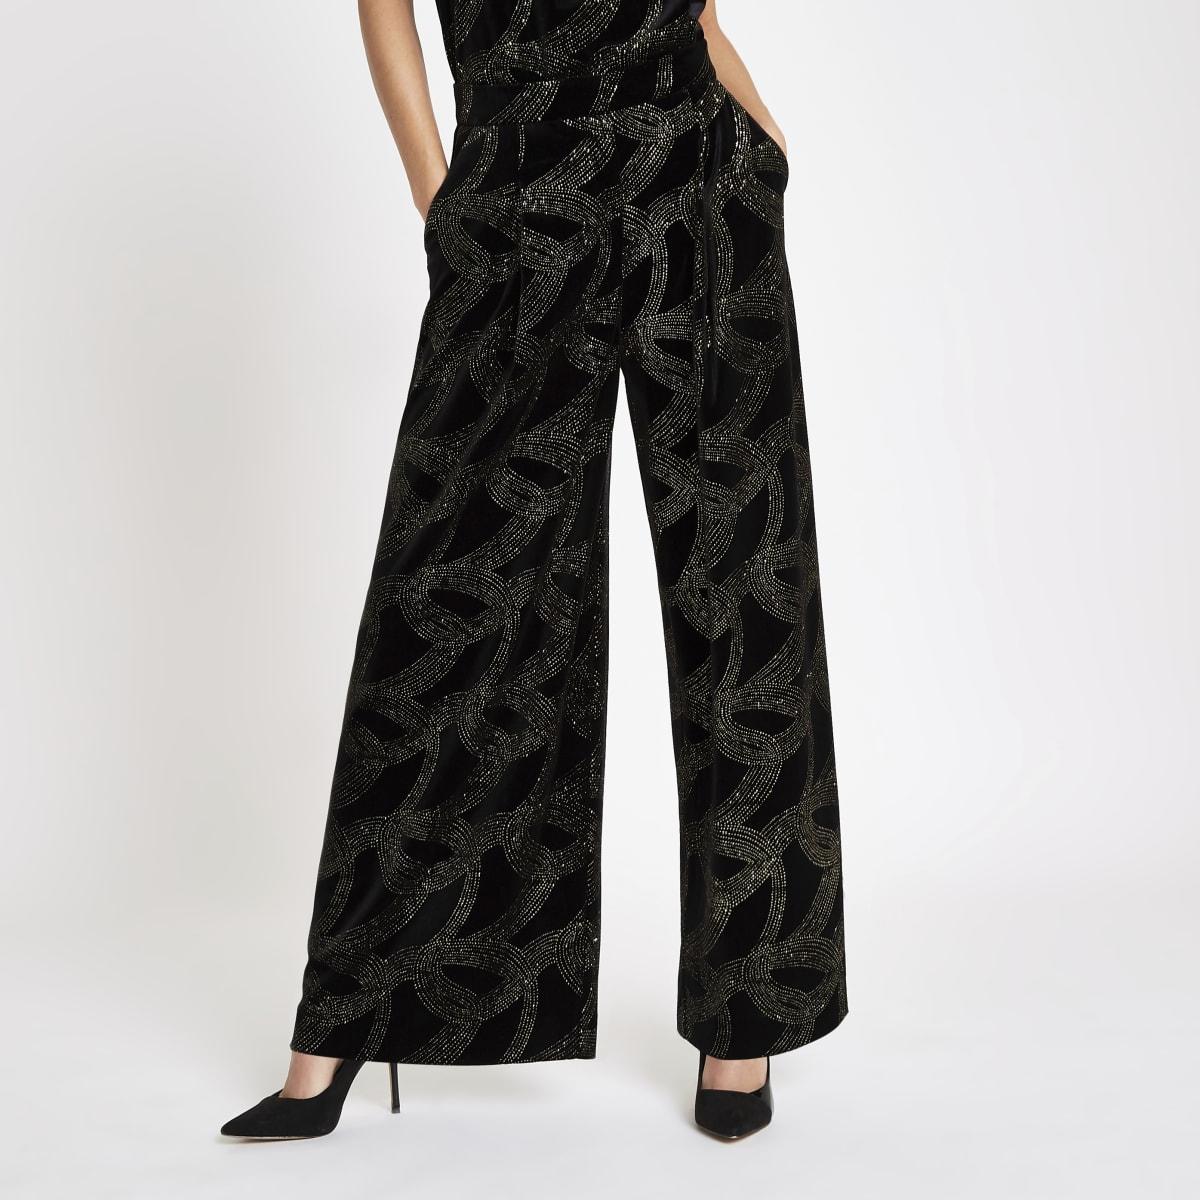 Zwarte broek met wijde pijpen en glitter